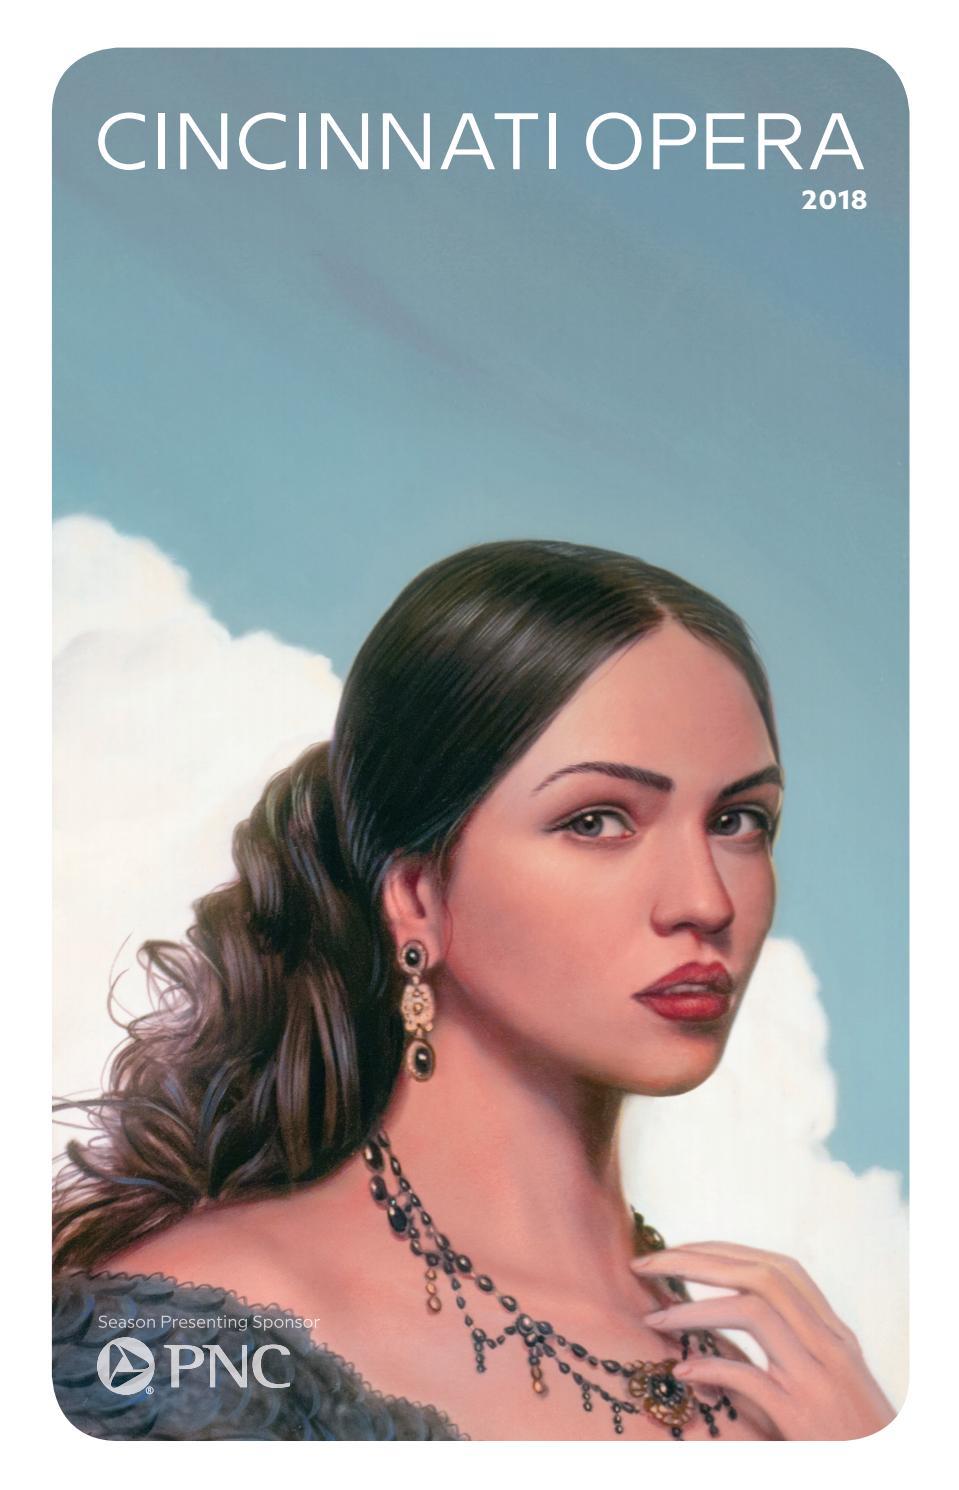 Ailyn Luna (b. 1989)